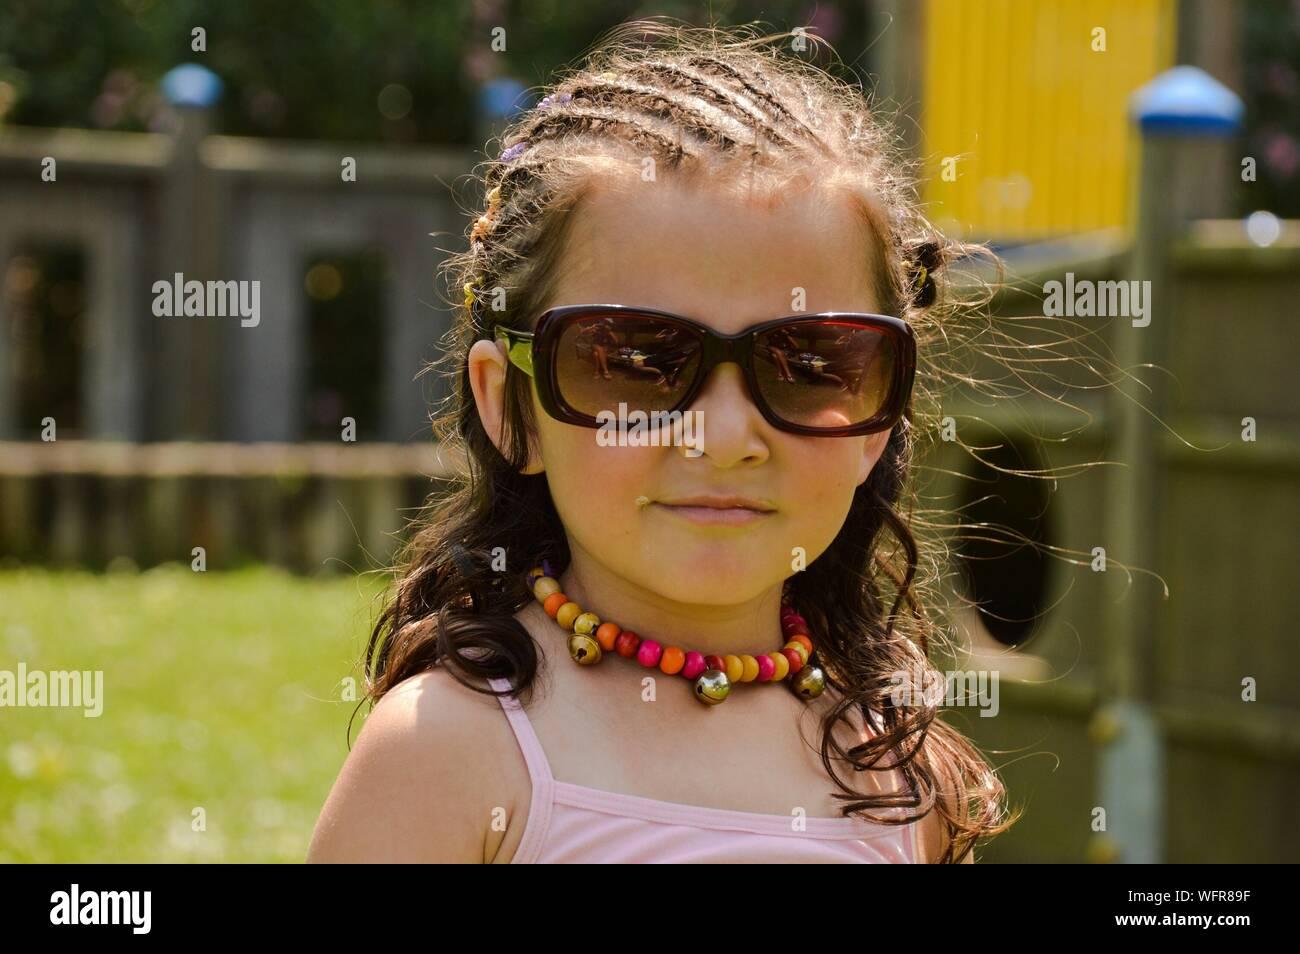 Ritratto di una ragazza indossando occhiali da sole Foto Stock